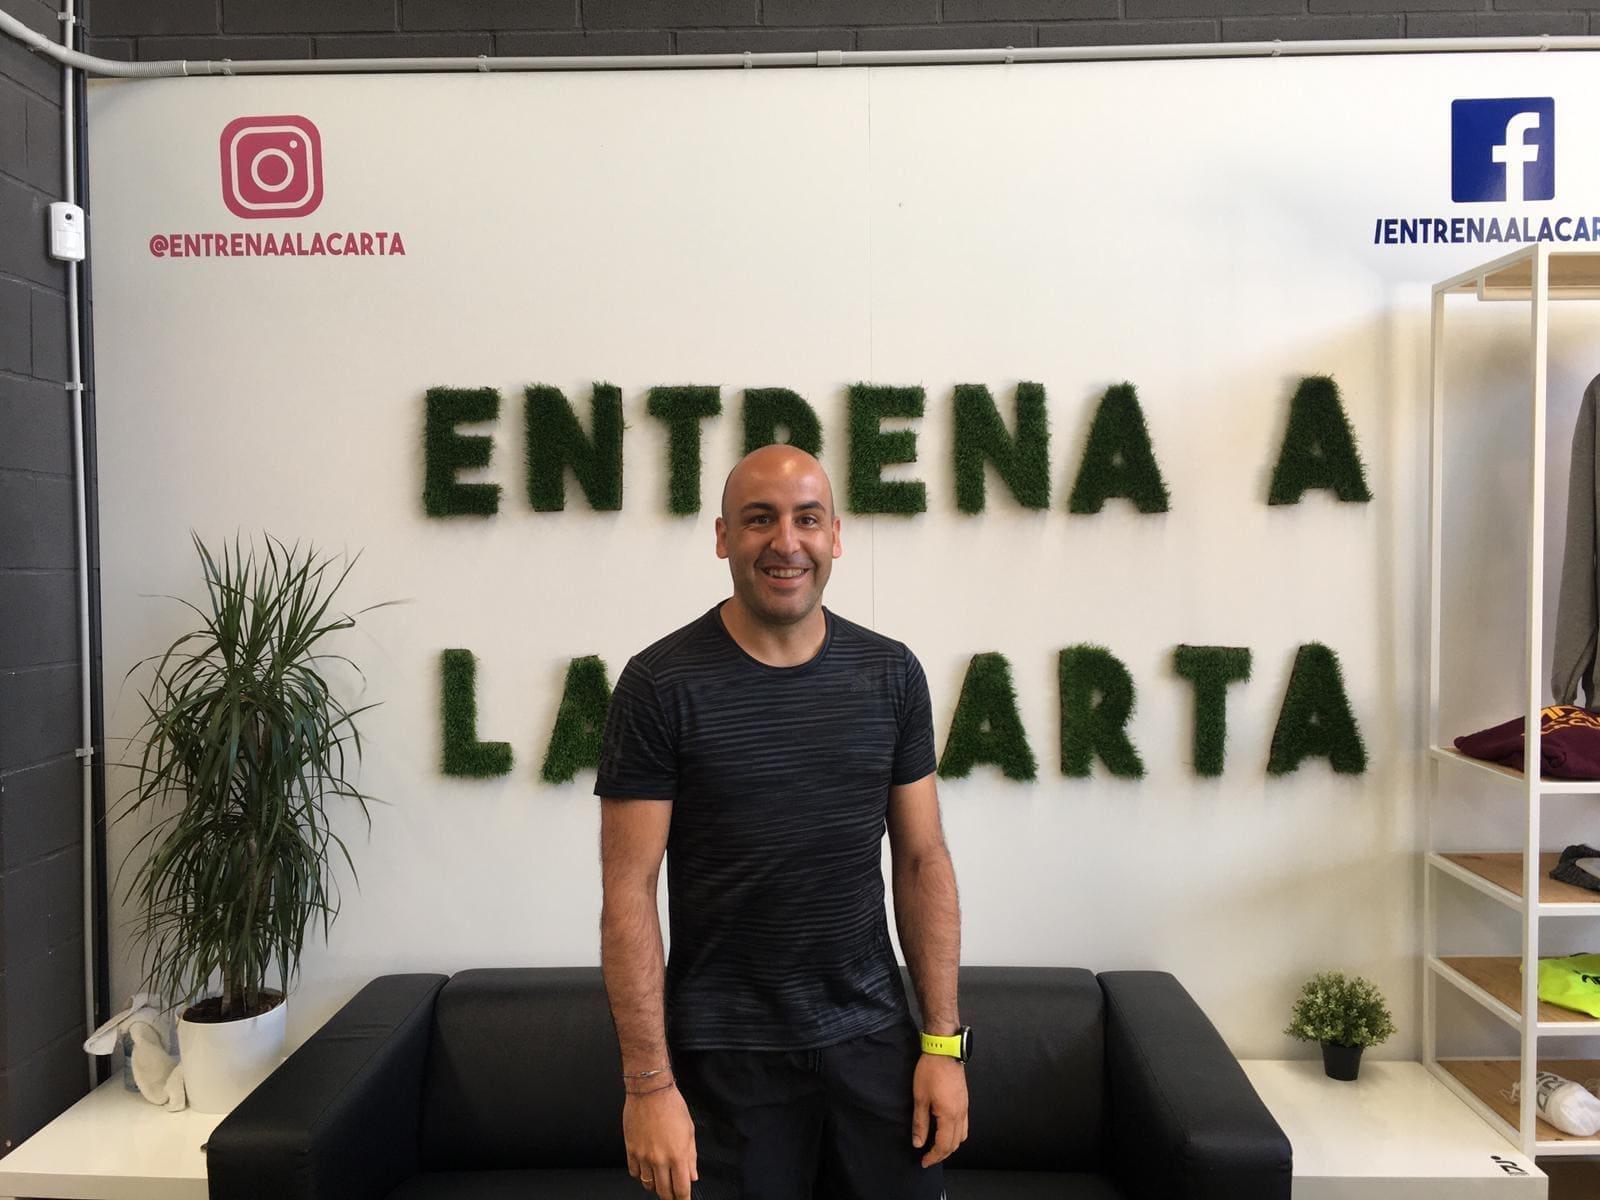 Imagen Iñigo Hermoso de Mendoza